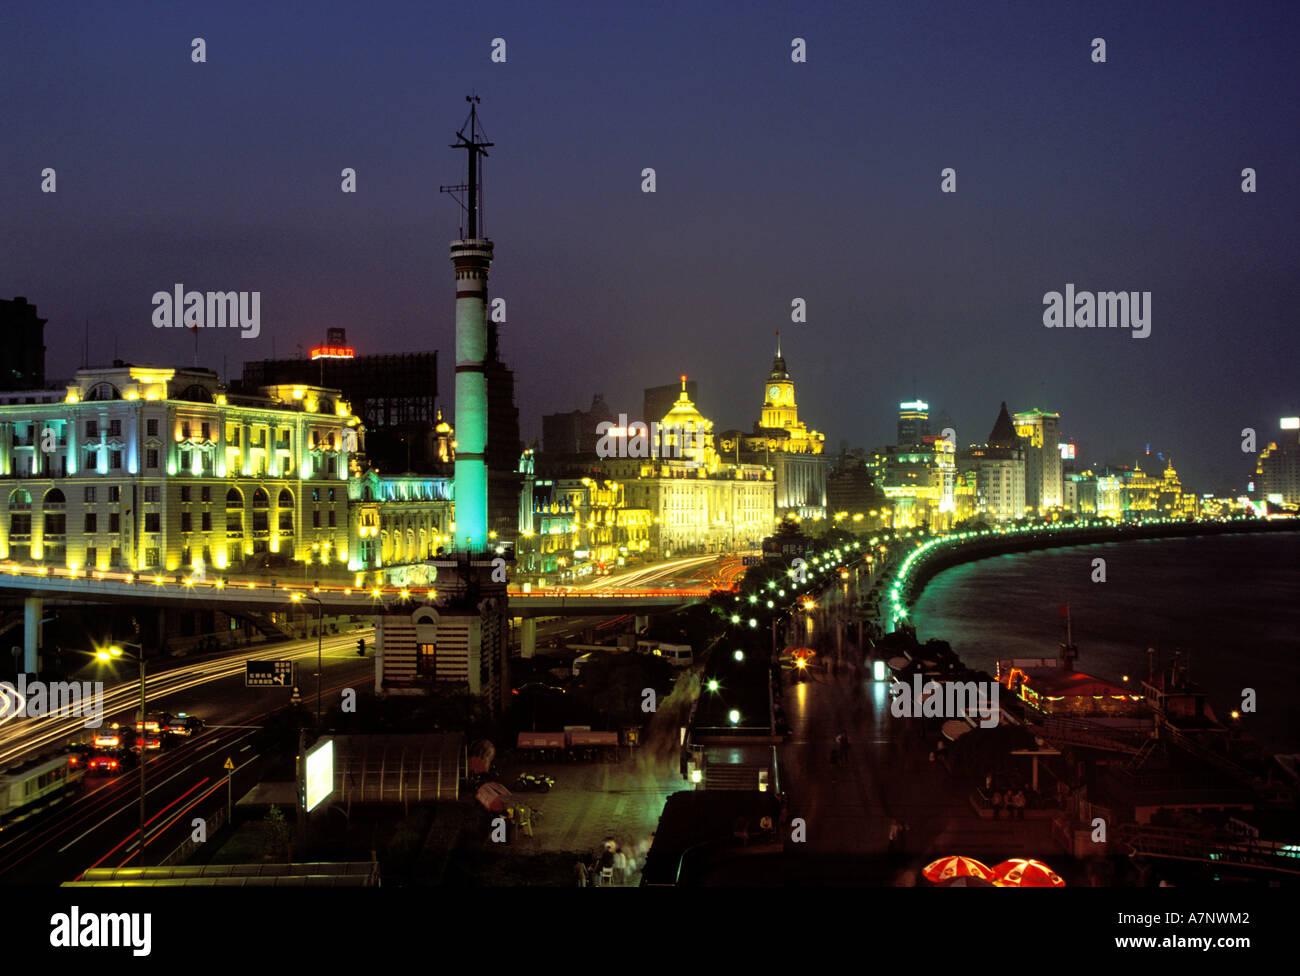 La Chine, la ville de Shanghai, le Bund, symbole de 30 ans l'architecture néoclassique Banque D'Images